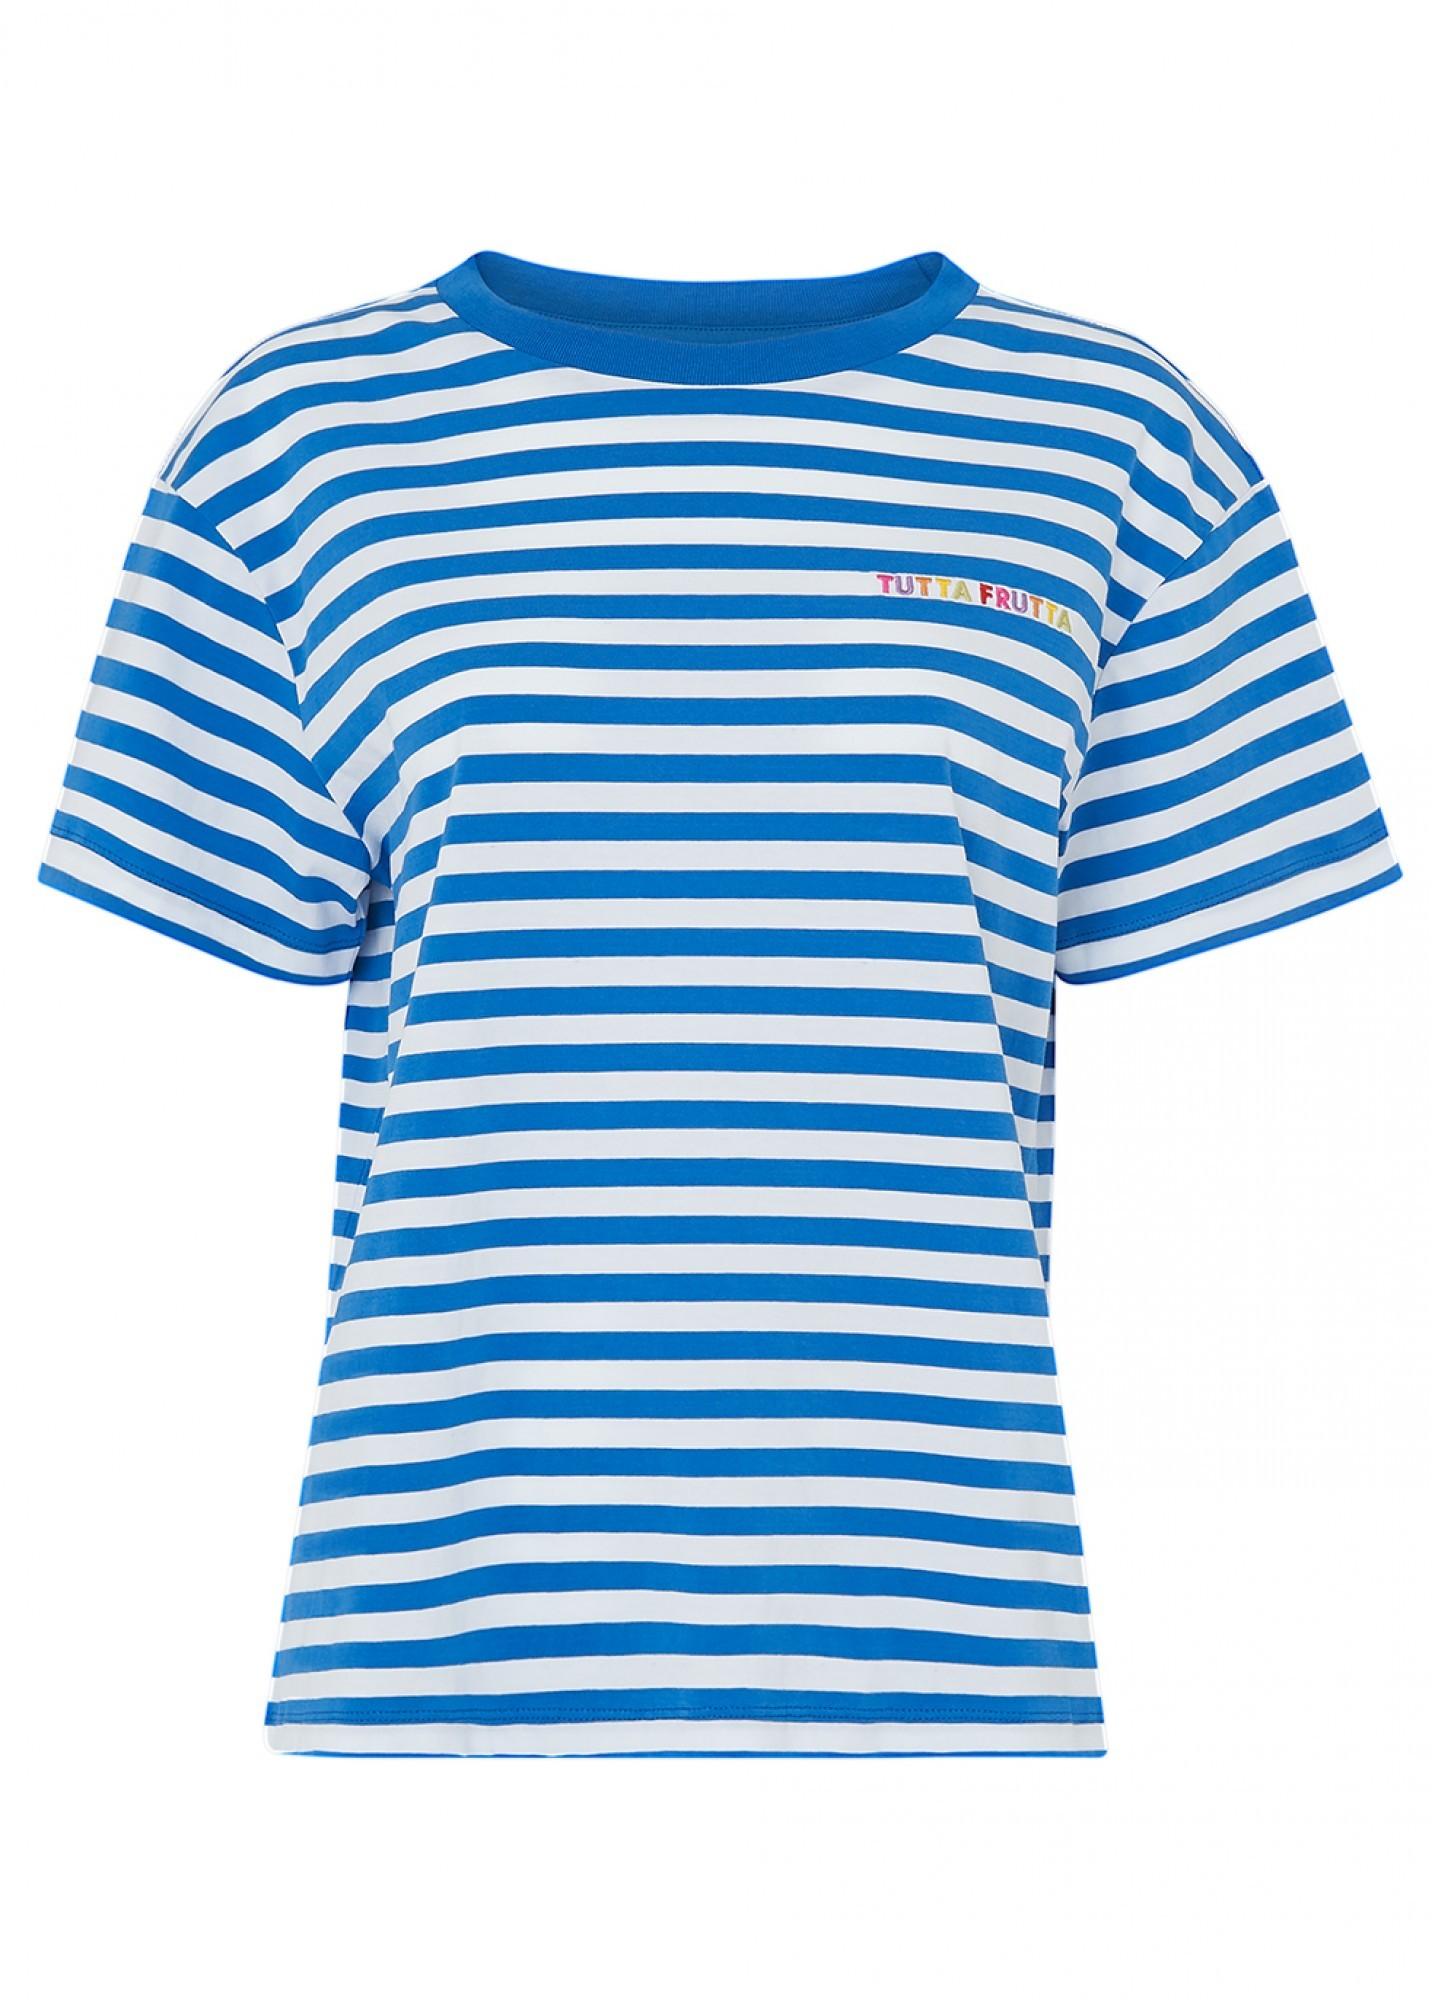 KITRI | Kitri Tutta Frutta Blue Stripe T-Shirt | Goxip